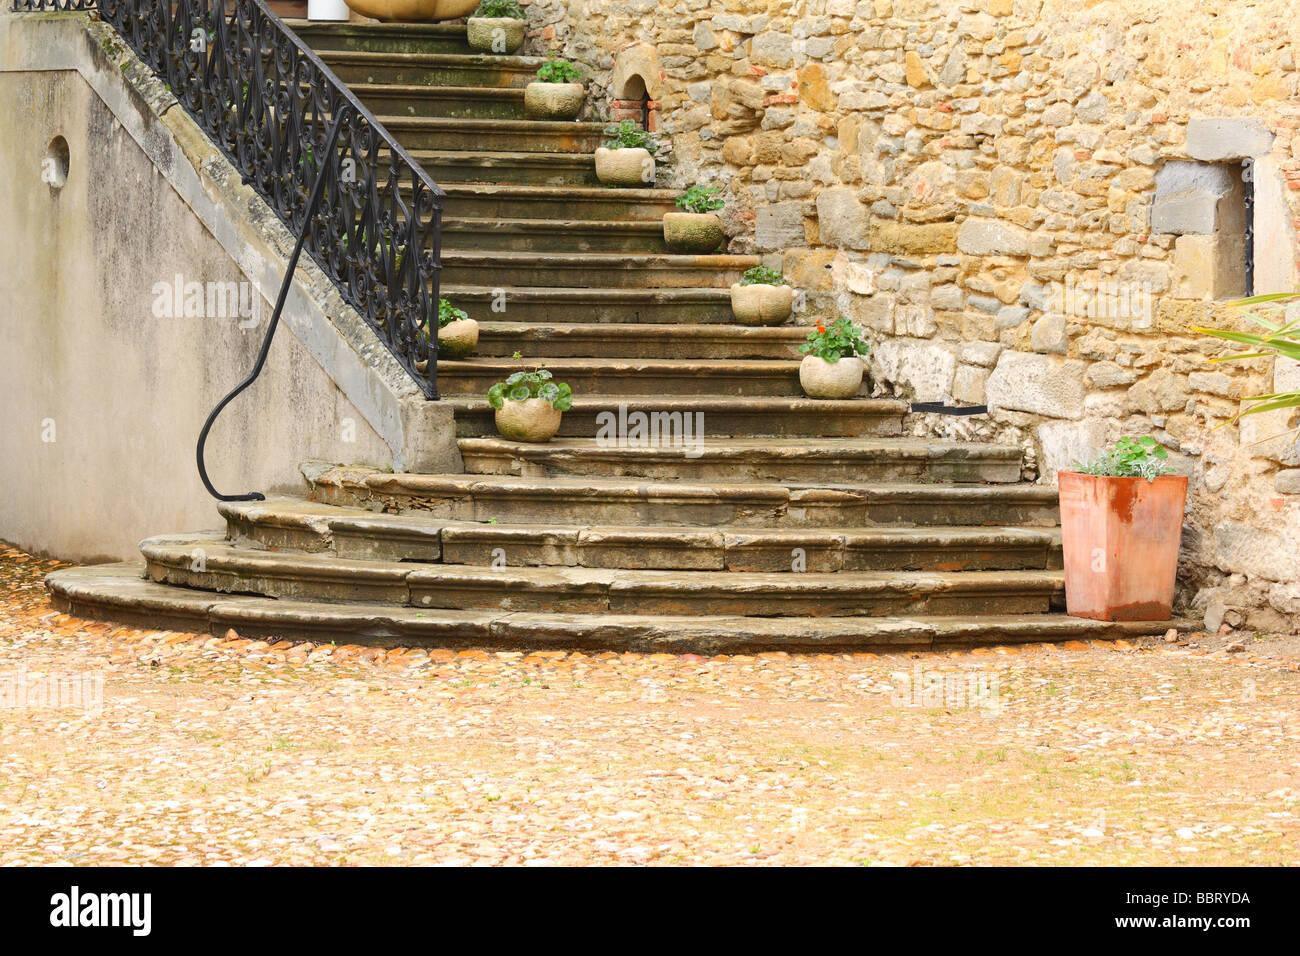 Escaliers Saint Papoul Languedoc-Roussillon France Photo Stock